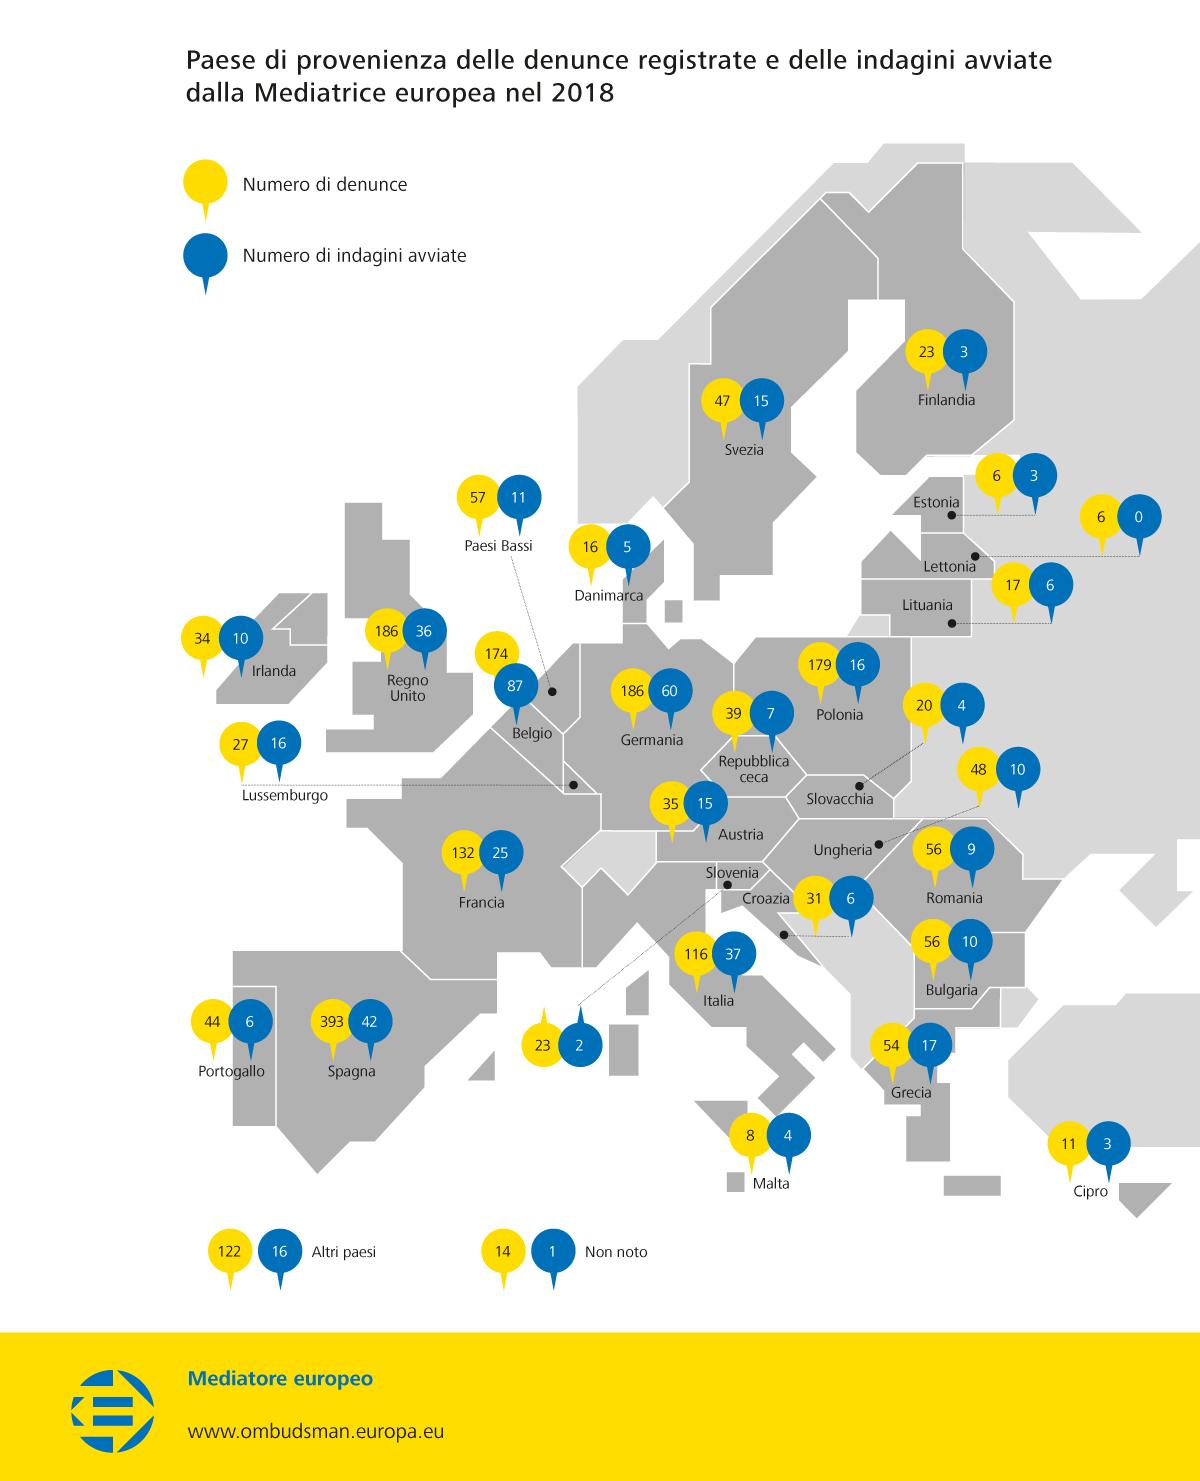 Paese di provenienza delle denunce registrate e delle indagini avviate dalla Mediatrice europea nel 2018